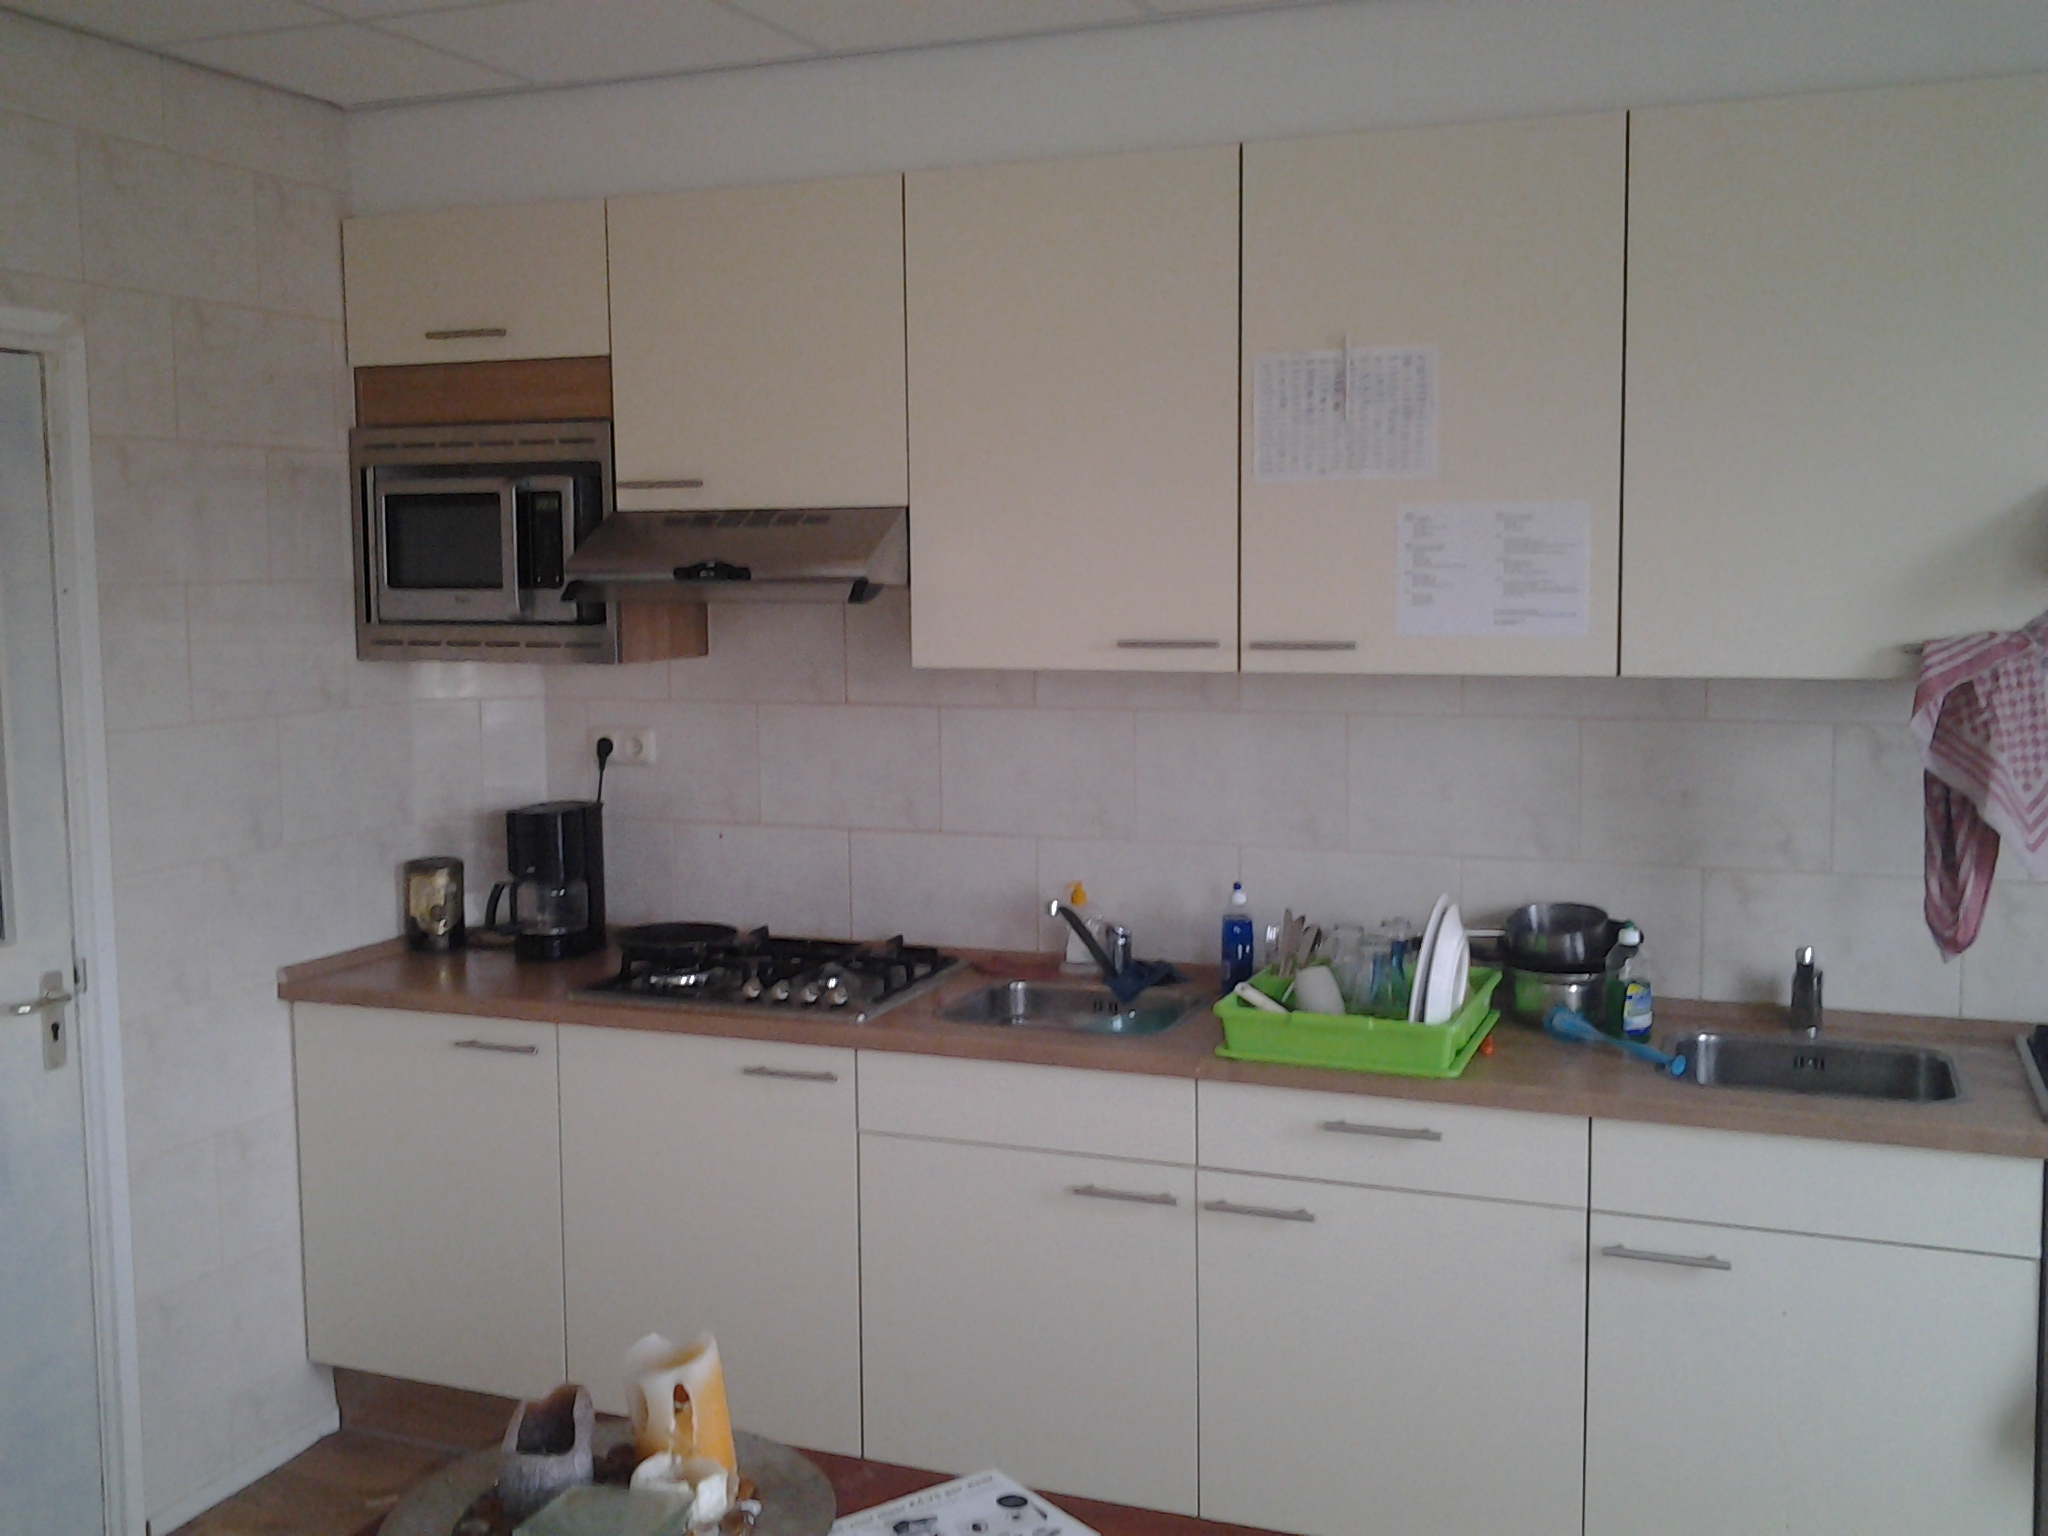 Te huur 4005 9 semi gemeubileerd studentenkamer vlakbij centrum van enschede twents vast - Center meubilair keuken ...